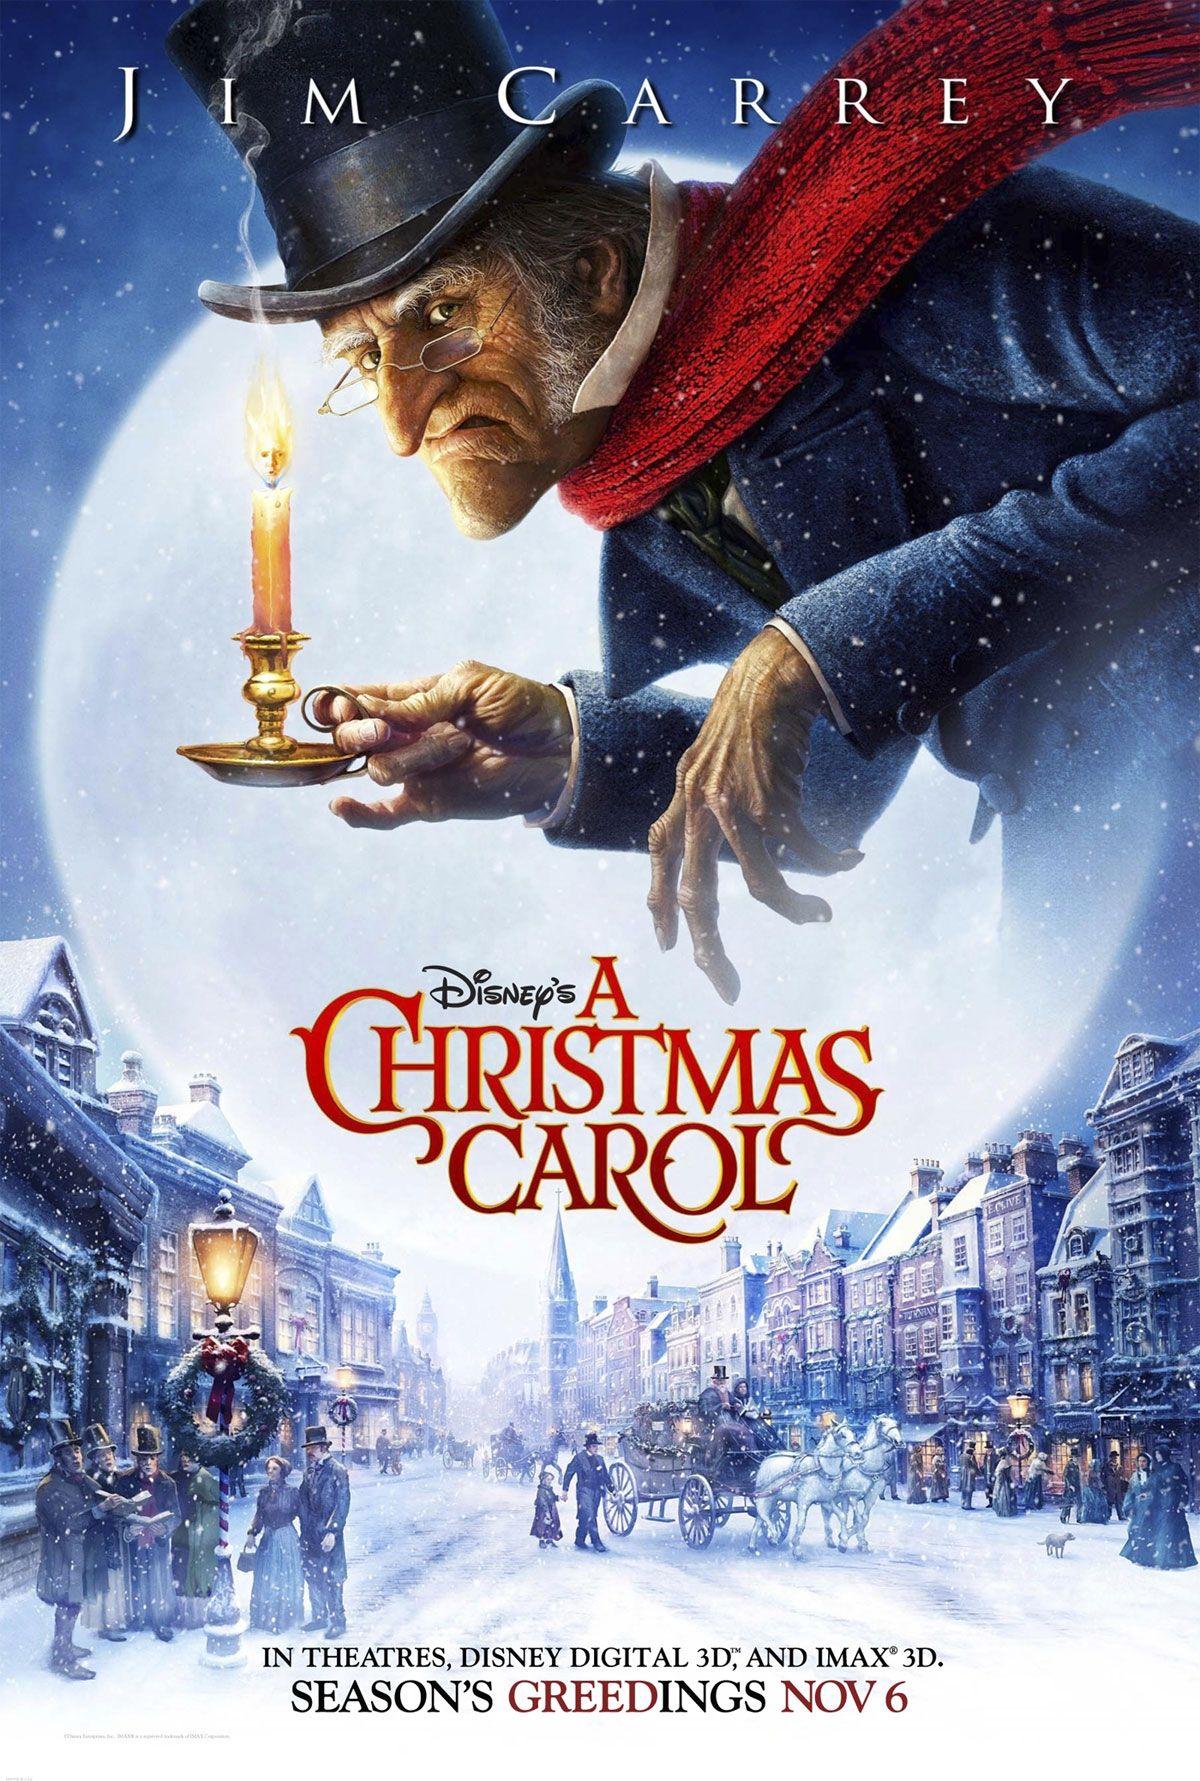 disney movie posters Disney's A Christmas Carol Movie